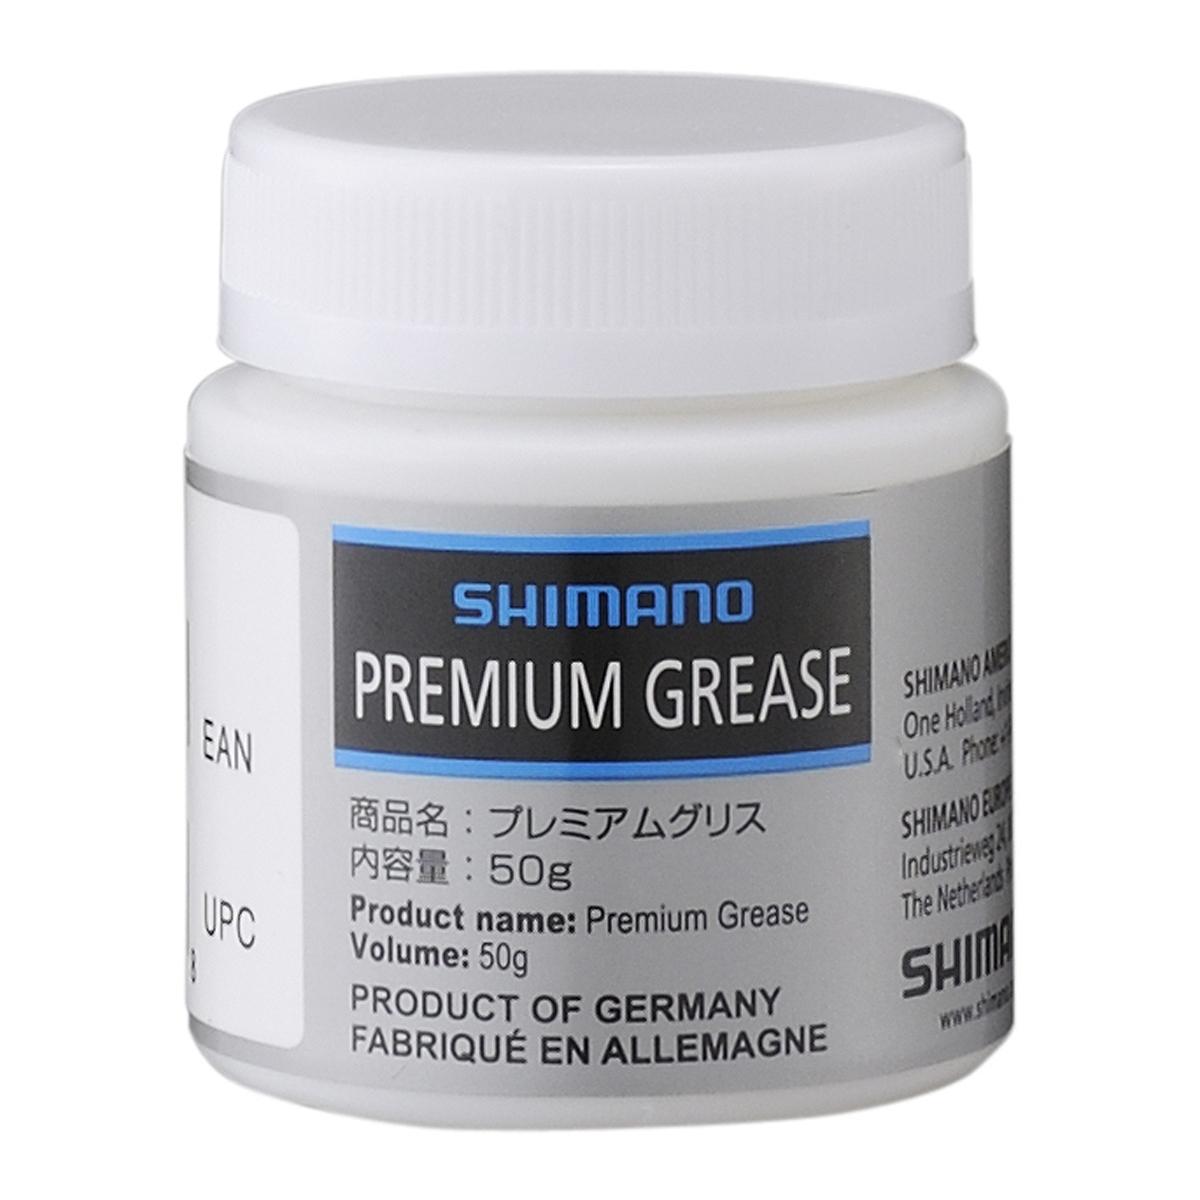 Shimano Dura-Ace Premium Special Grease